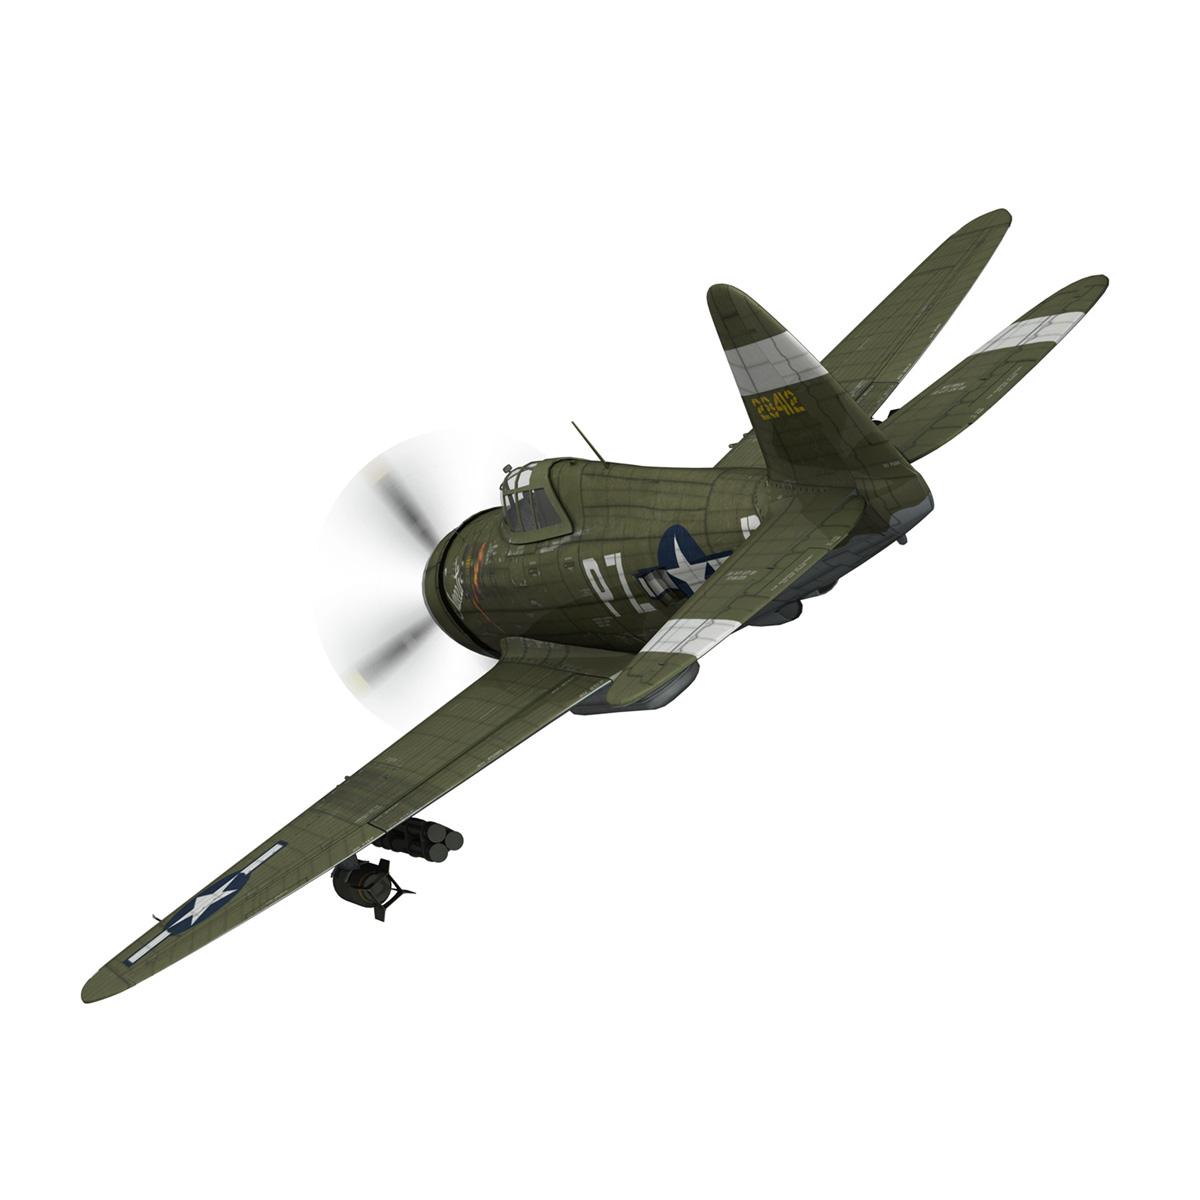 republic p-47d thunderbolt – sweetie – pz-r 3d model 3ds fbx c4d lwo obj 281835